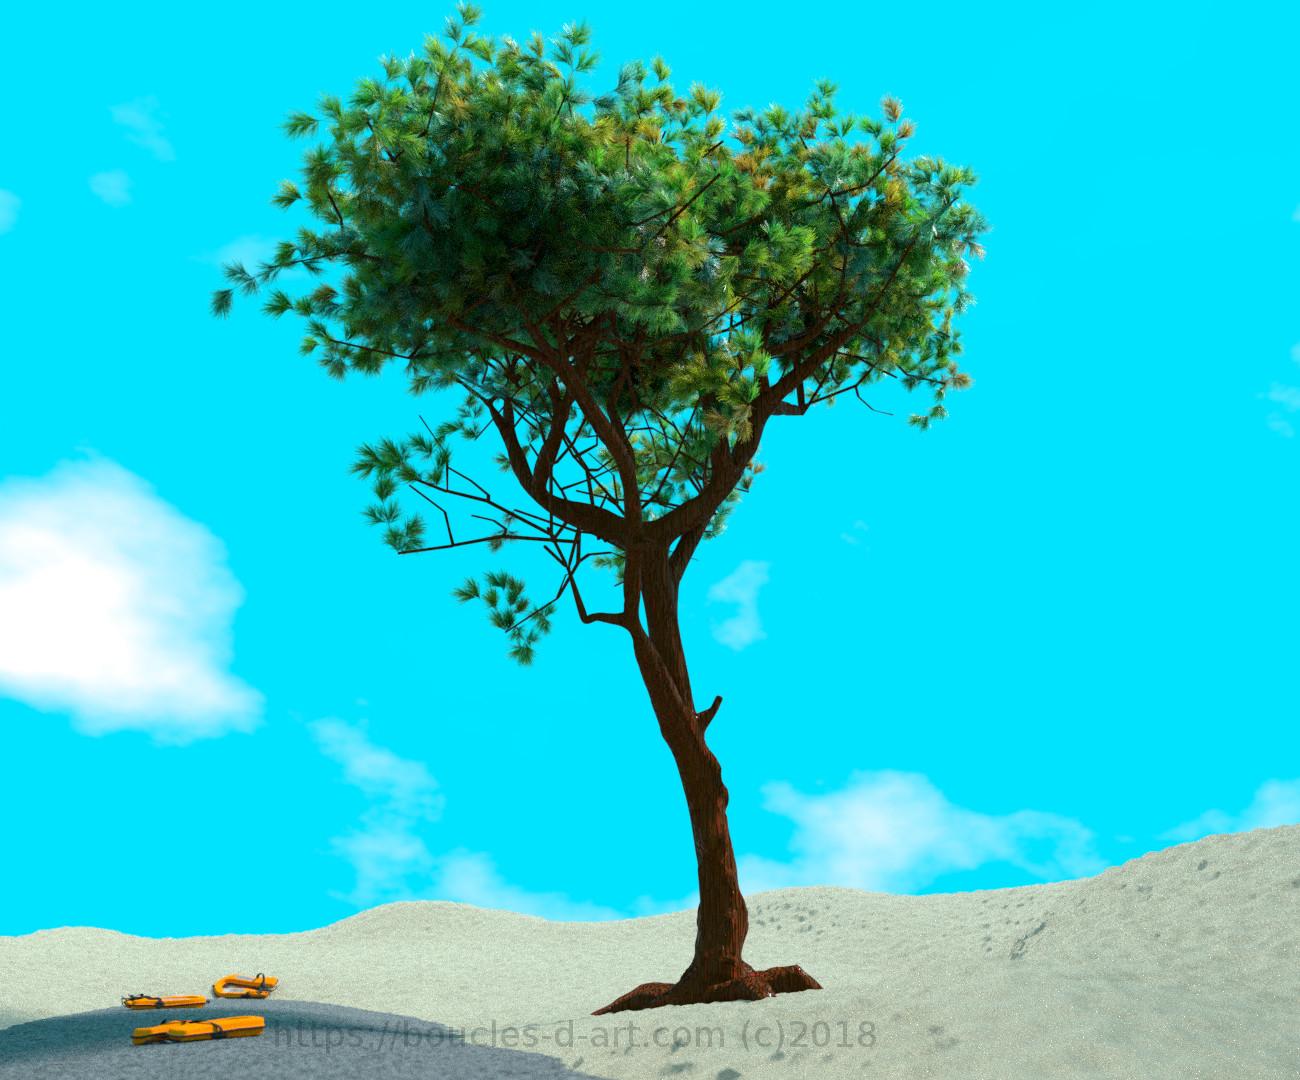 Trois gilets de sauvetage gisant sur une fin de route au mileu d'une dune et sous l'ombre d'un pin parasol